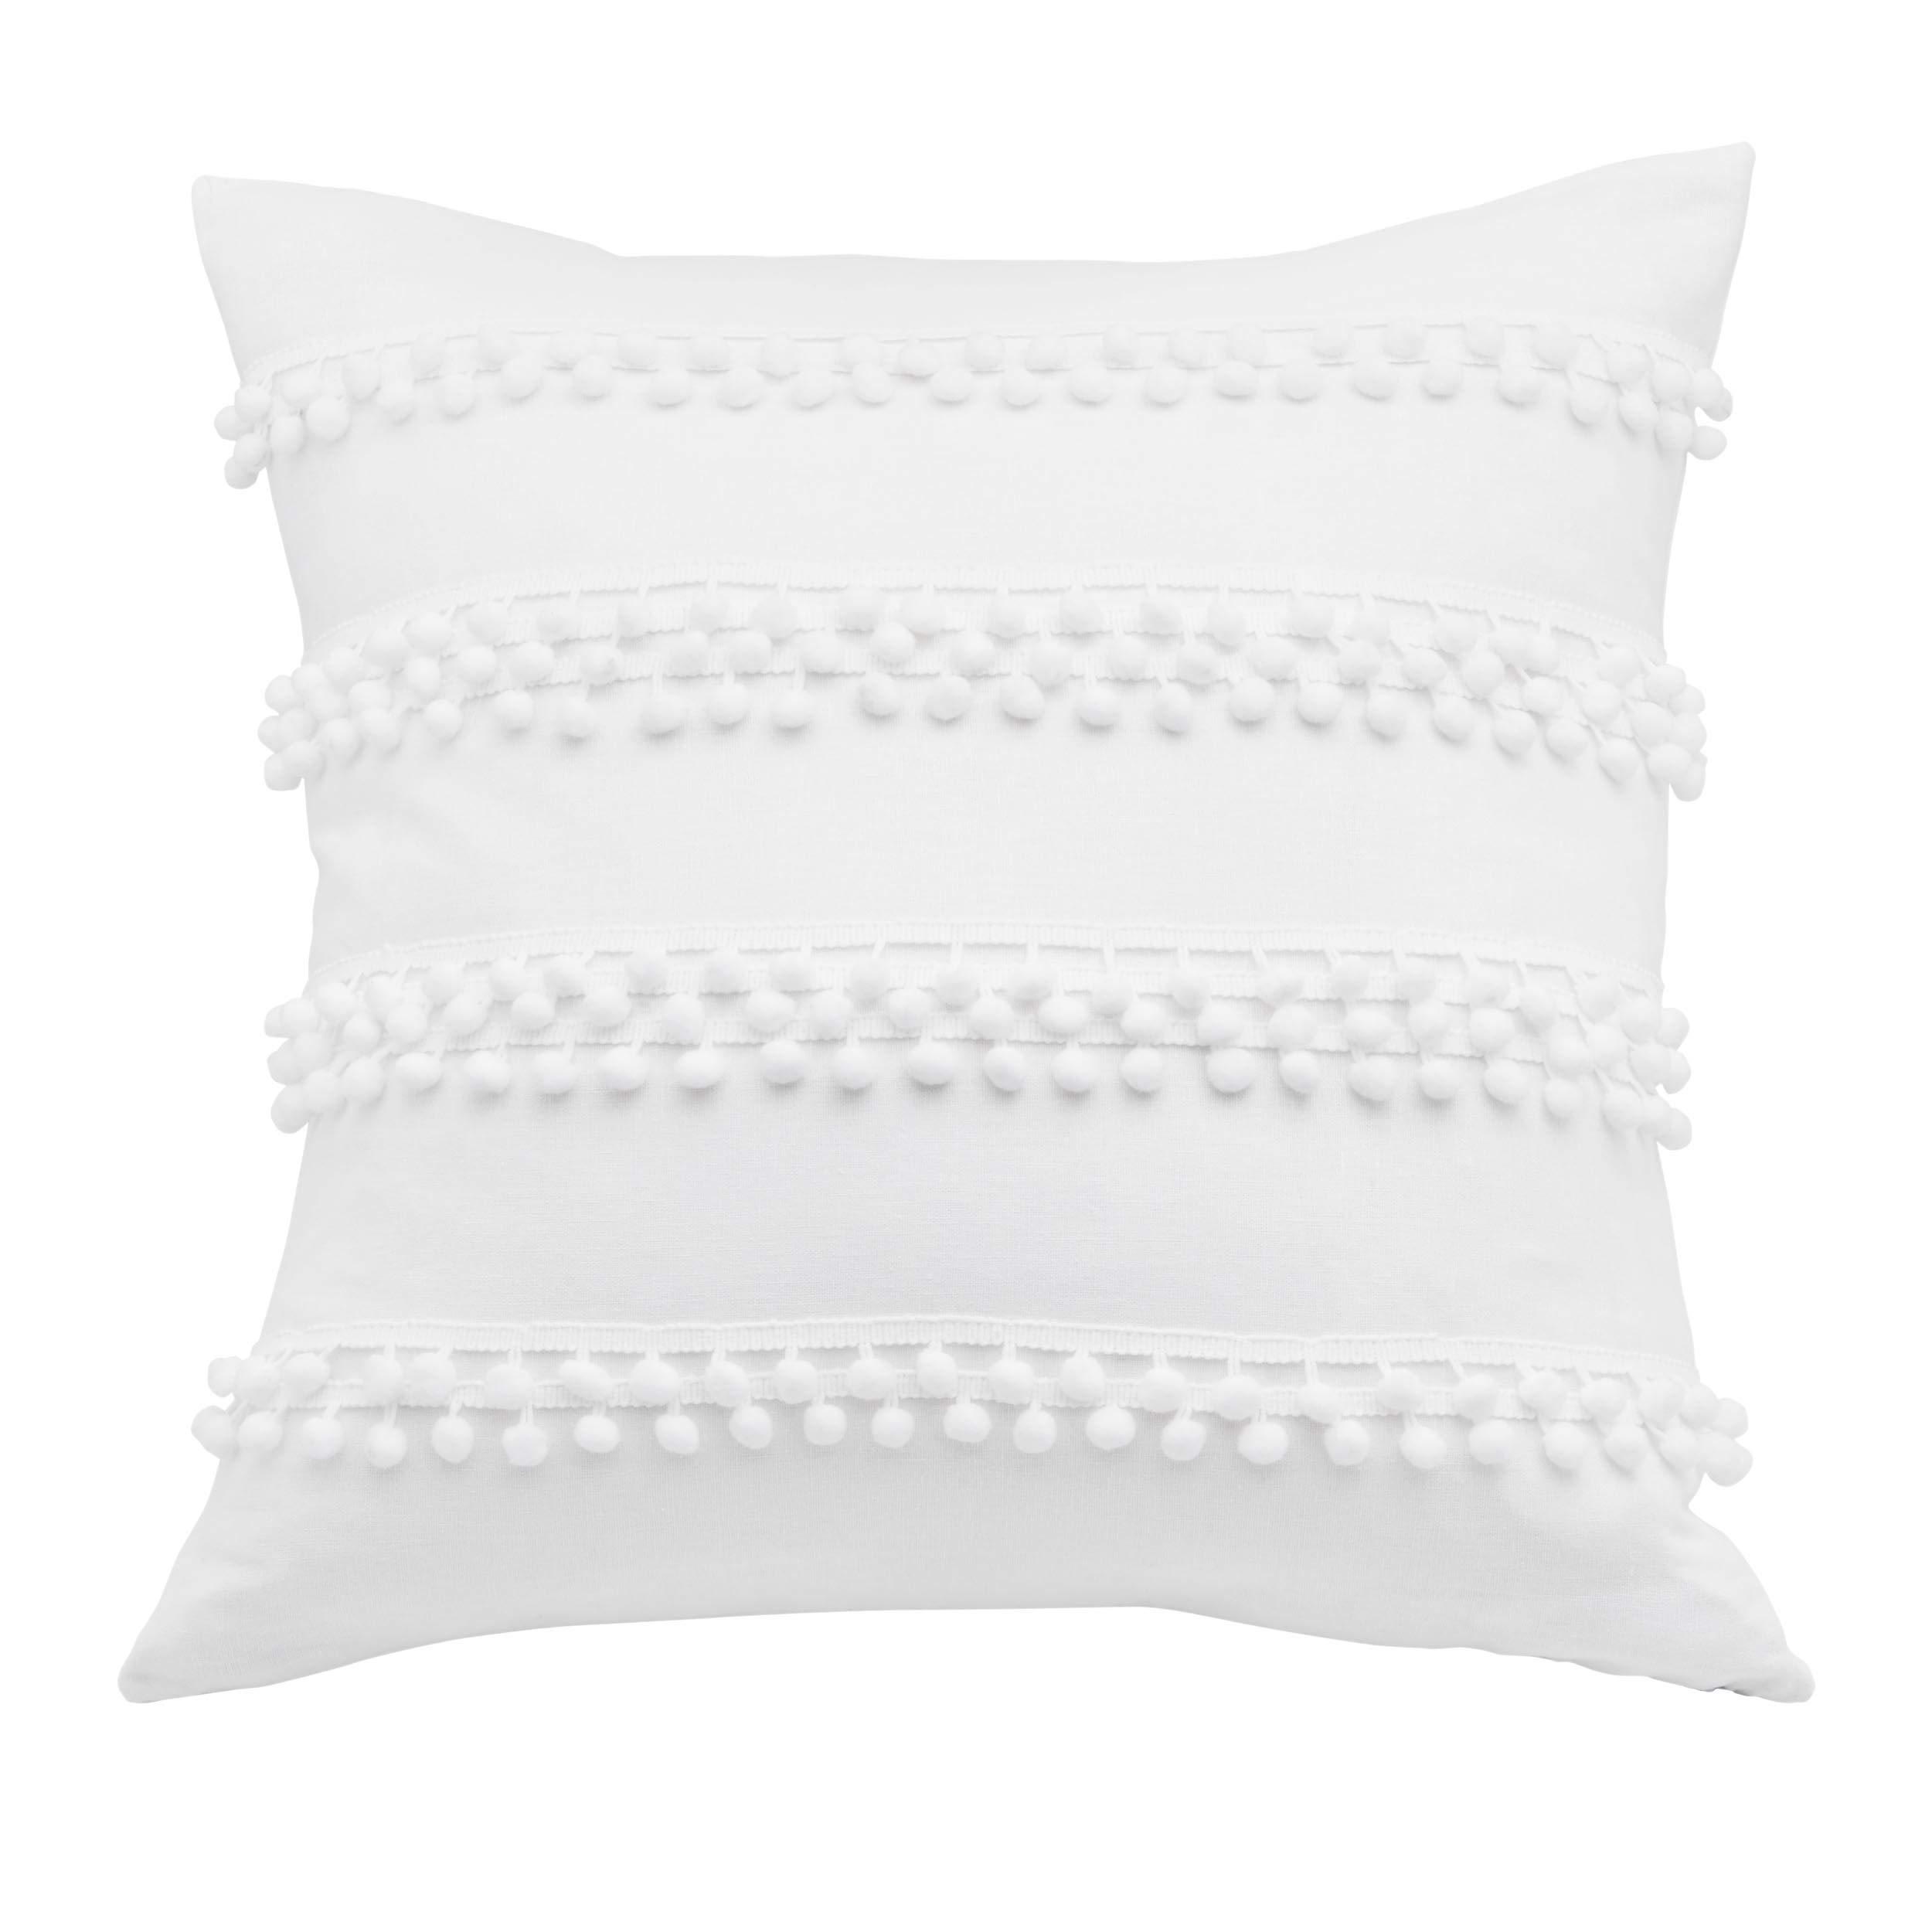 Trina Turk Pom Throw Pillow, 20x20, White